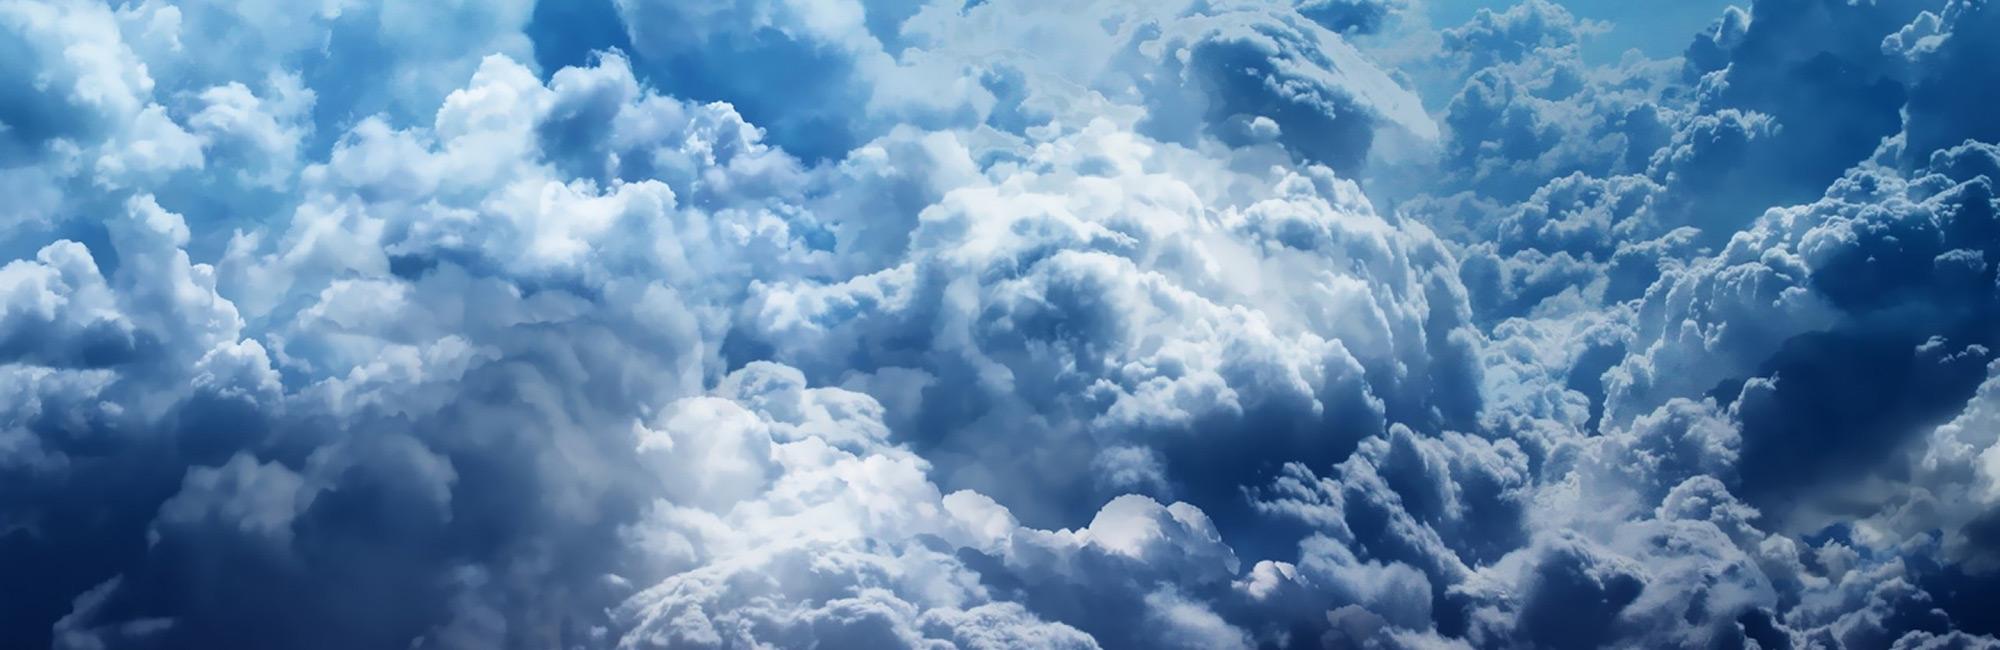 Clouds_2000_650